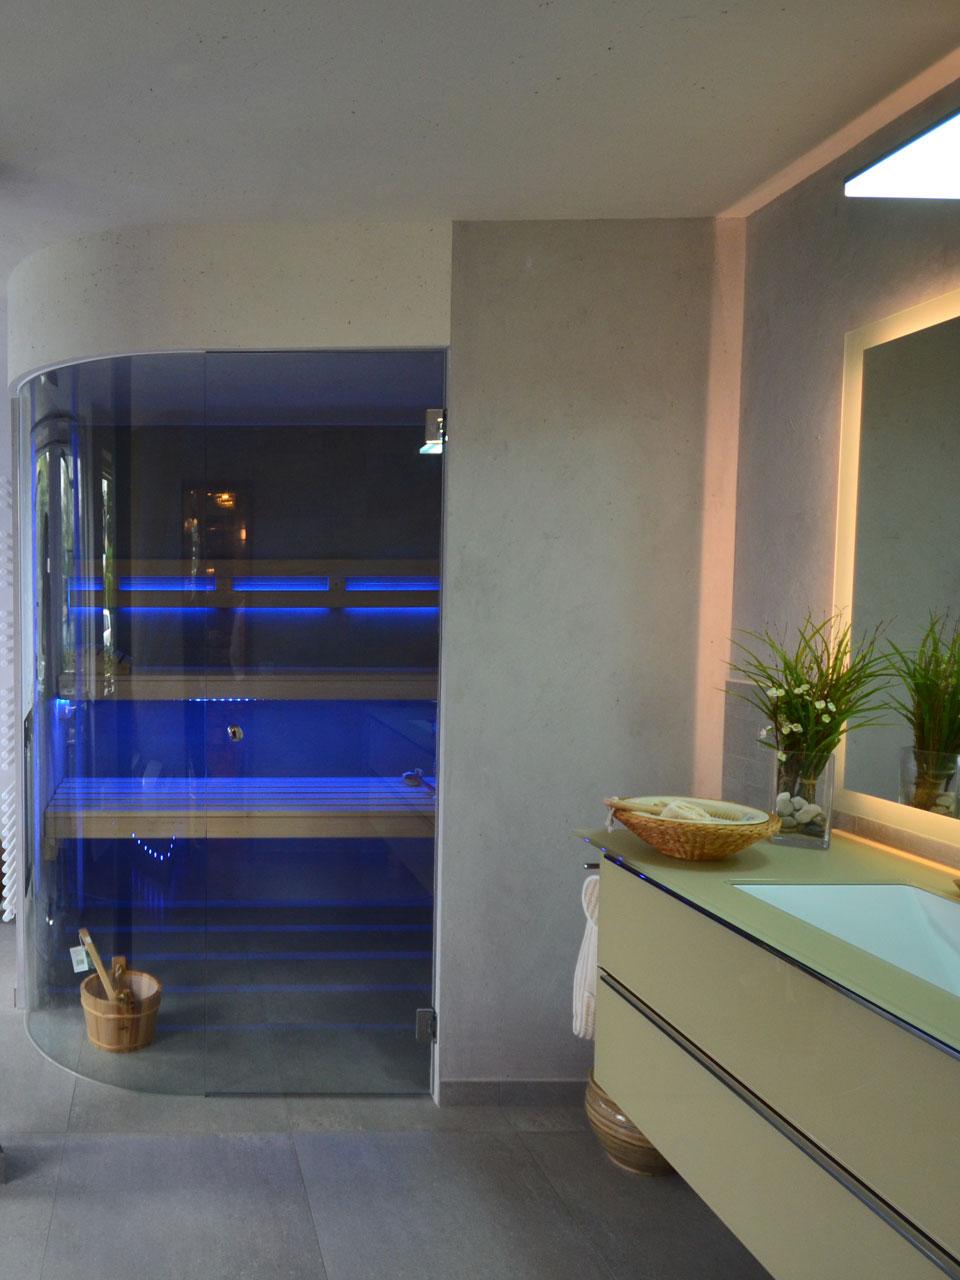 Ausstellung Bad mit Sauna